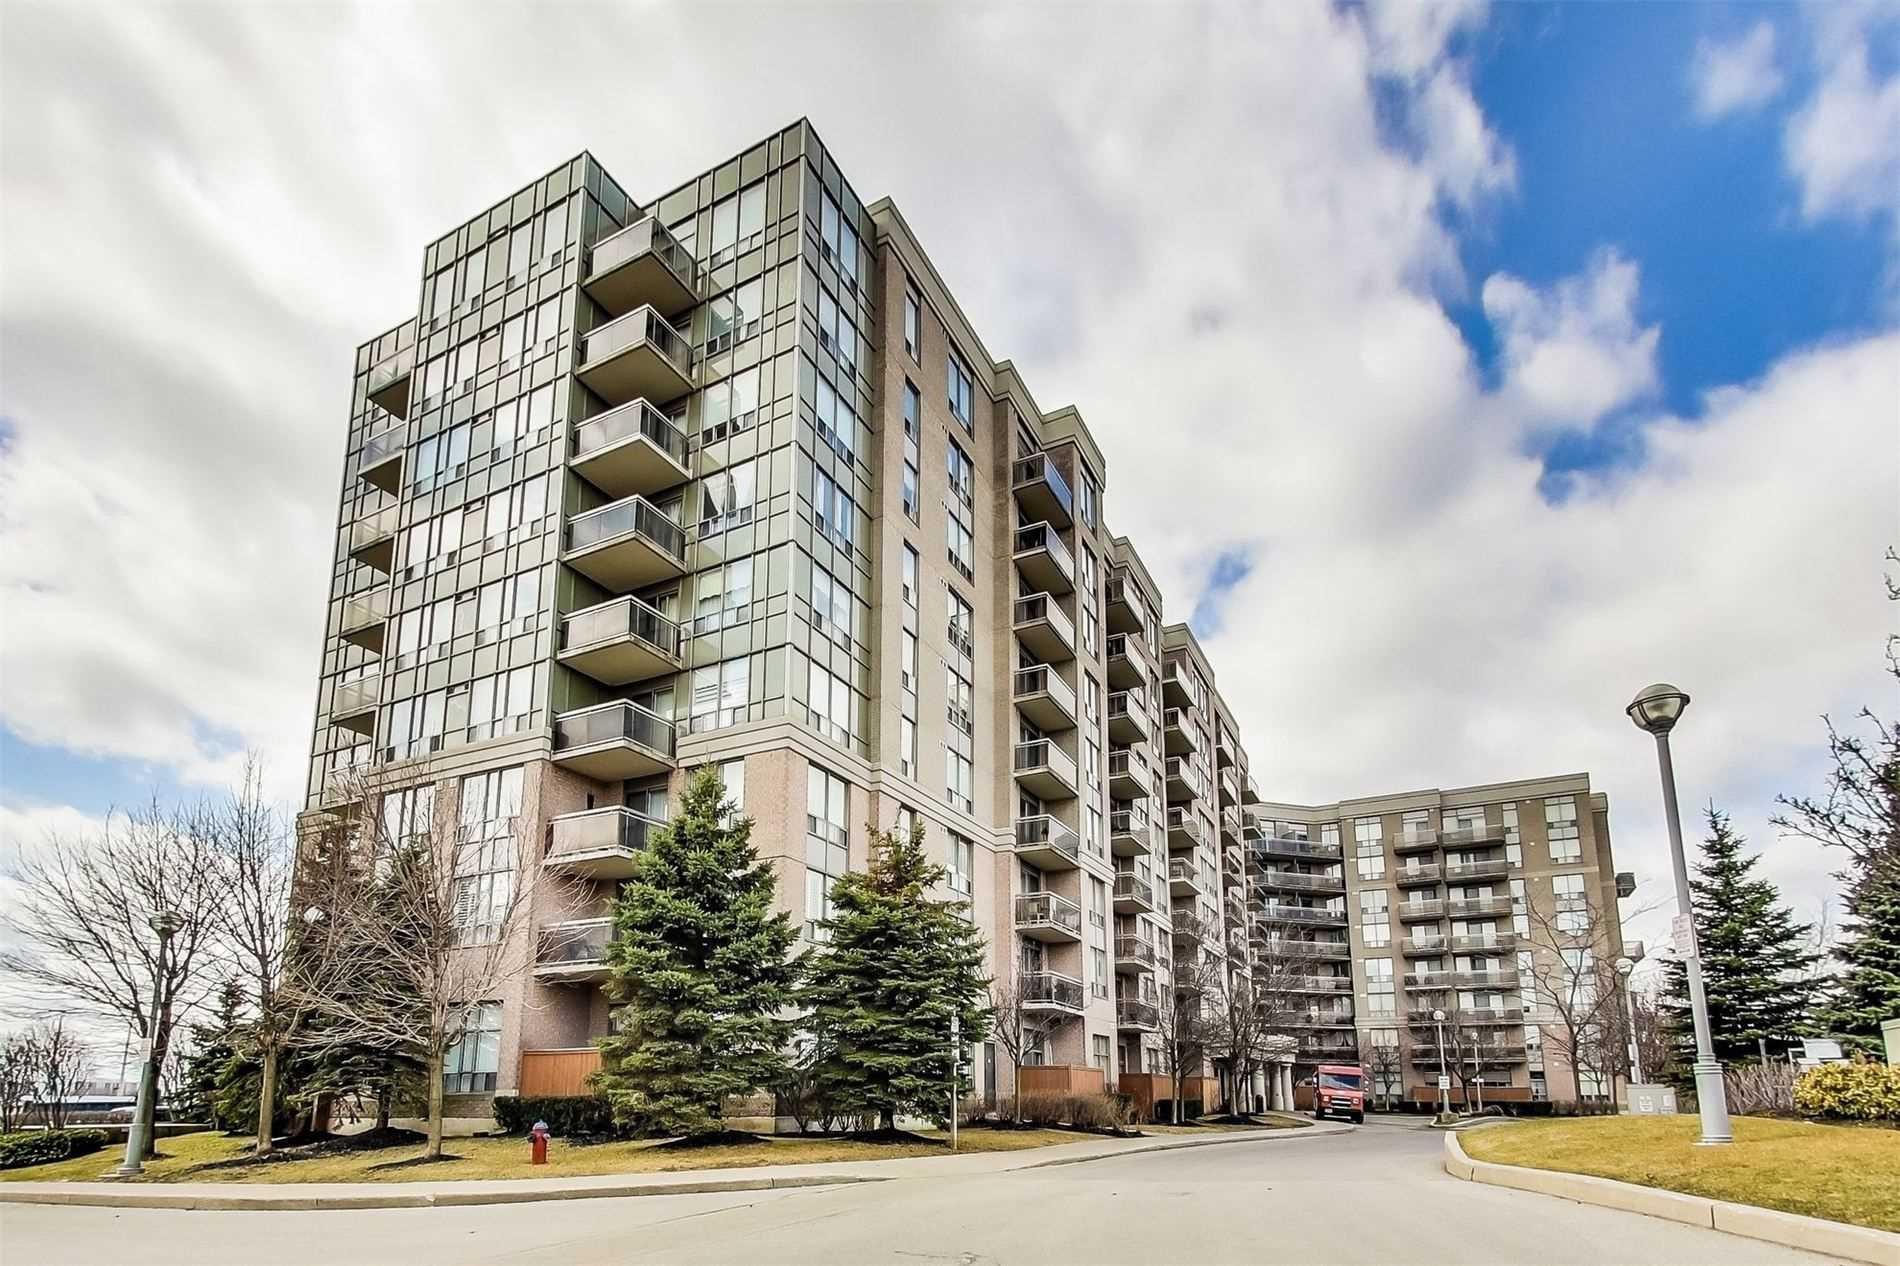 Main Photo: 326 1720 E Eglinton Avenue in Toronto: Victoria Village Condo for sale (Toronto C13)  : MLS®# C4838515